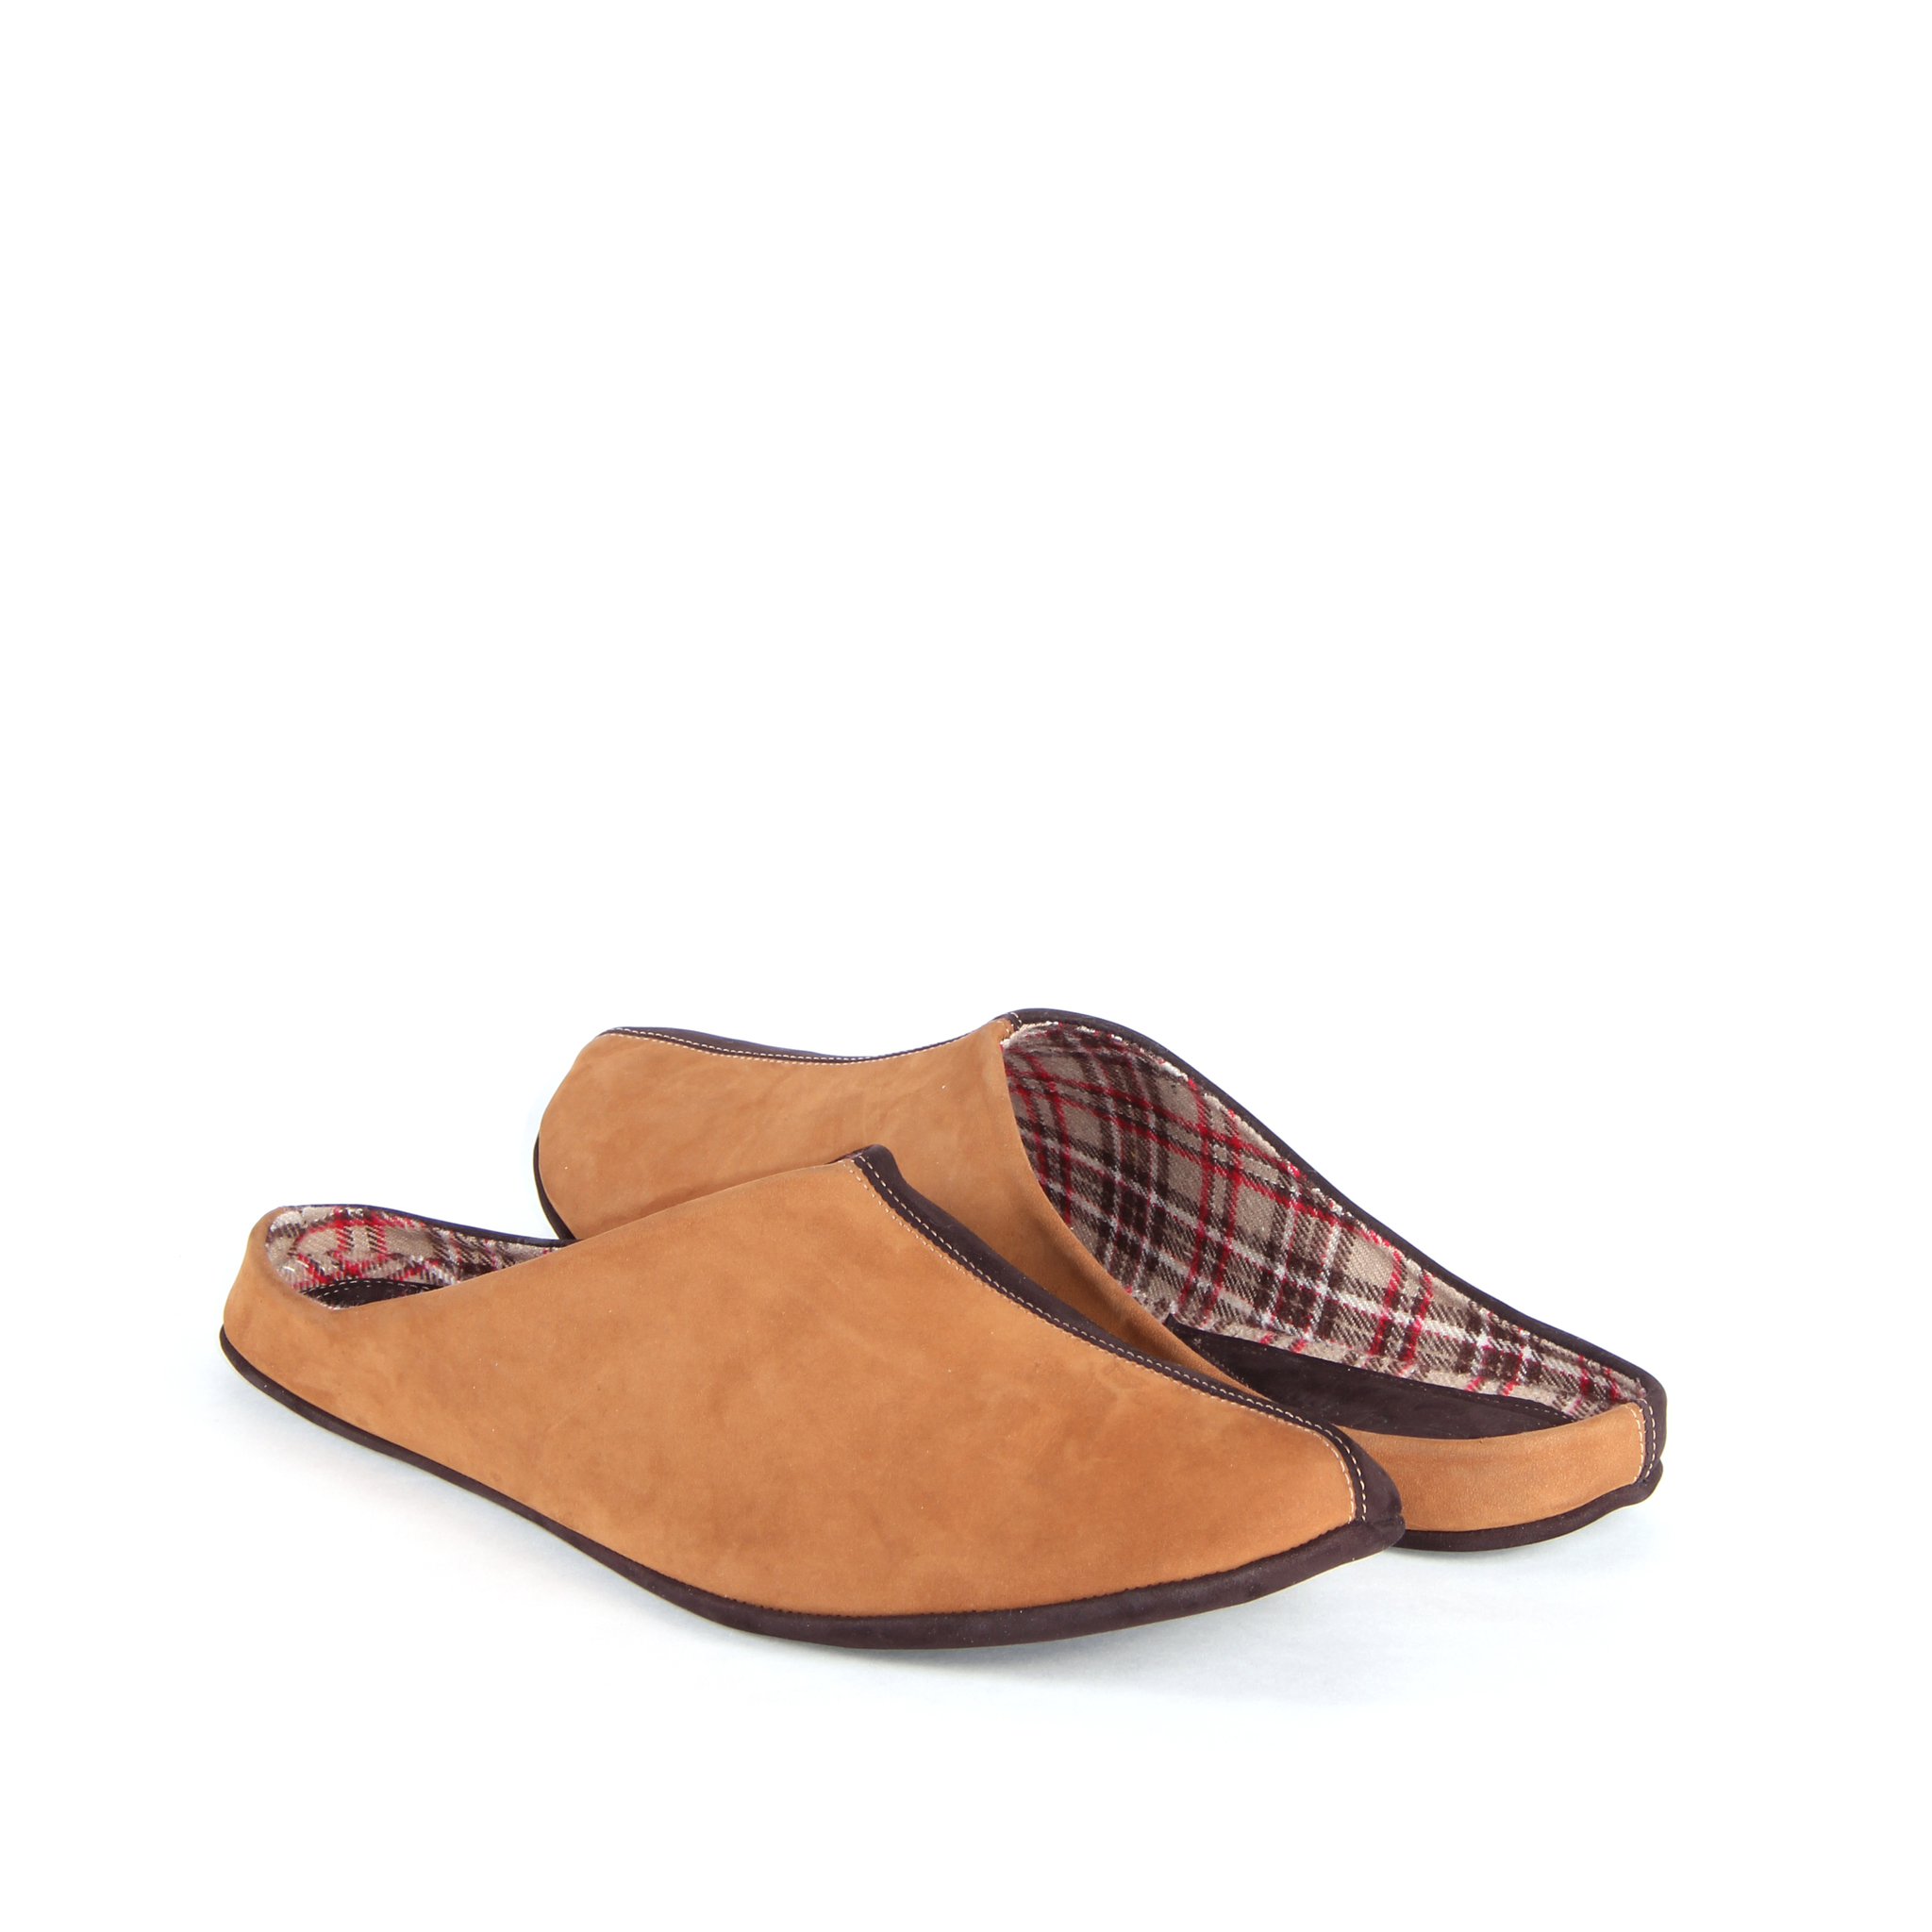 777137 туфли домашние мужские охра больших размеров марки Делфино